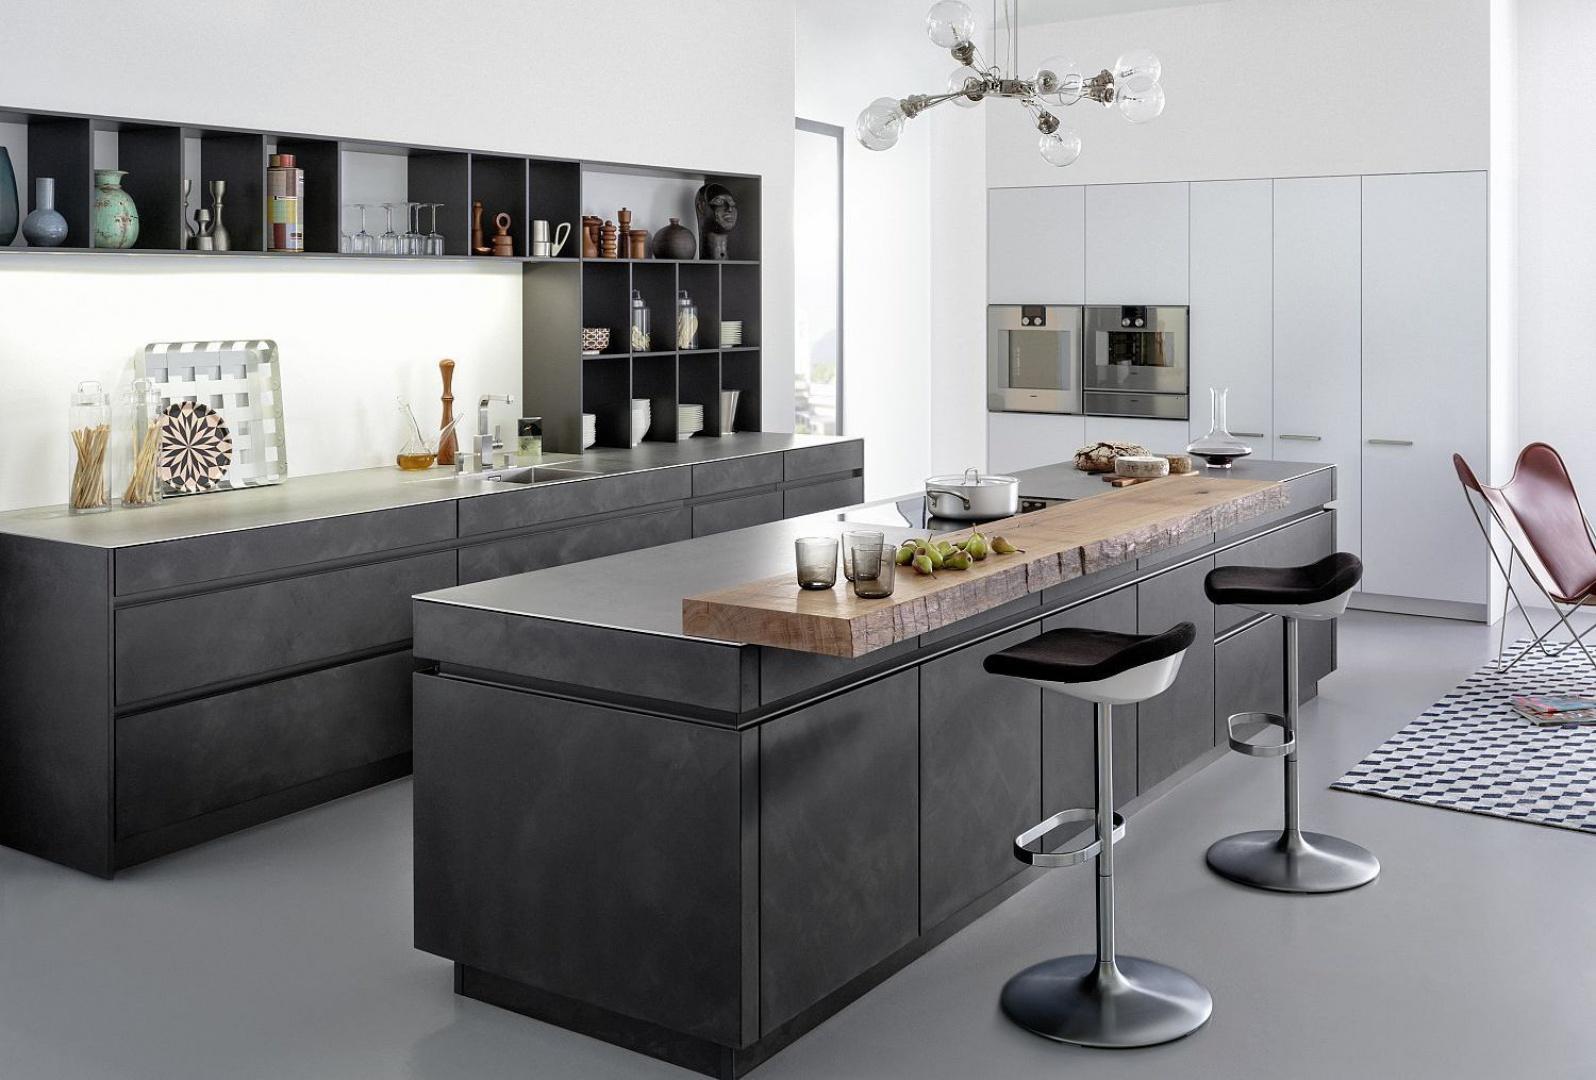 Te kuchnia to prawdziwy majsterszyk wzornictwa i rzemieślnictwa. Fronty i korpusy pokryto prawdziwym, ręcznie nakładanym betonem, a blat kuchenny wykonano ze stali walcowanej na gorąco. Fot. Leicht, kuchnia Concrete-A.